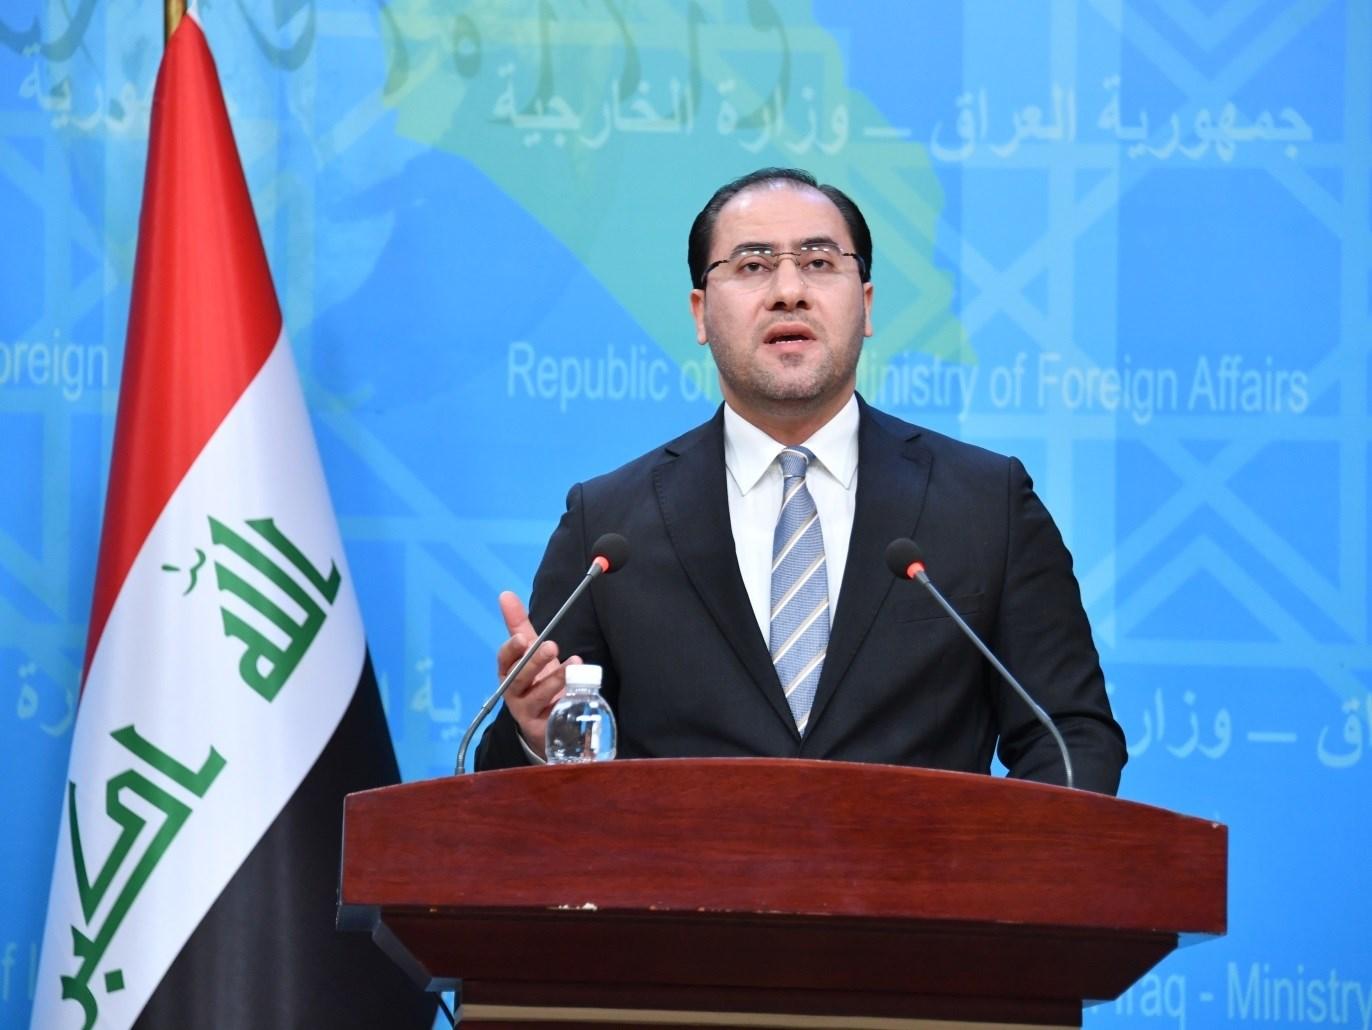 الصحاف للميادين: هنالك امكانية لأن يلجأ العراق إلى مجلس الأمن لاستصدار قرار يدين الاعتداء التركي